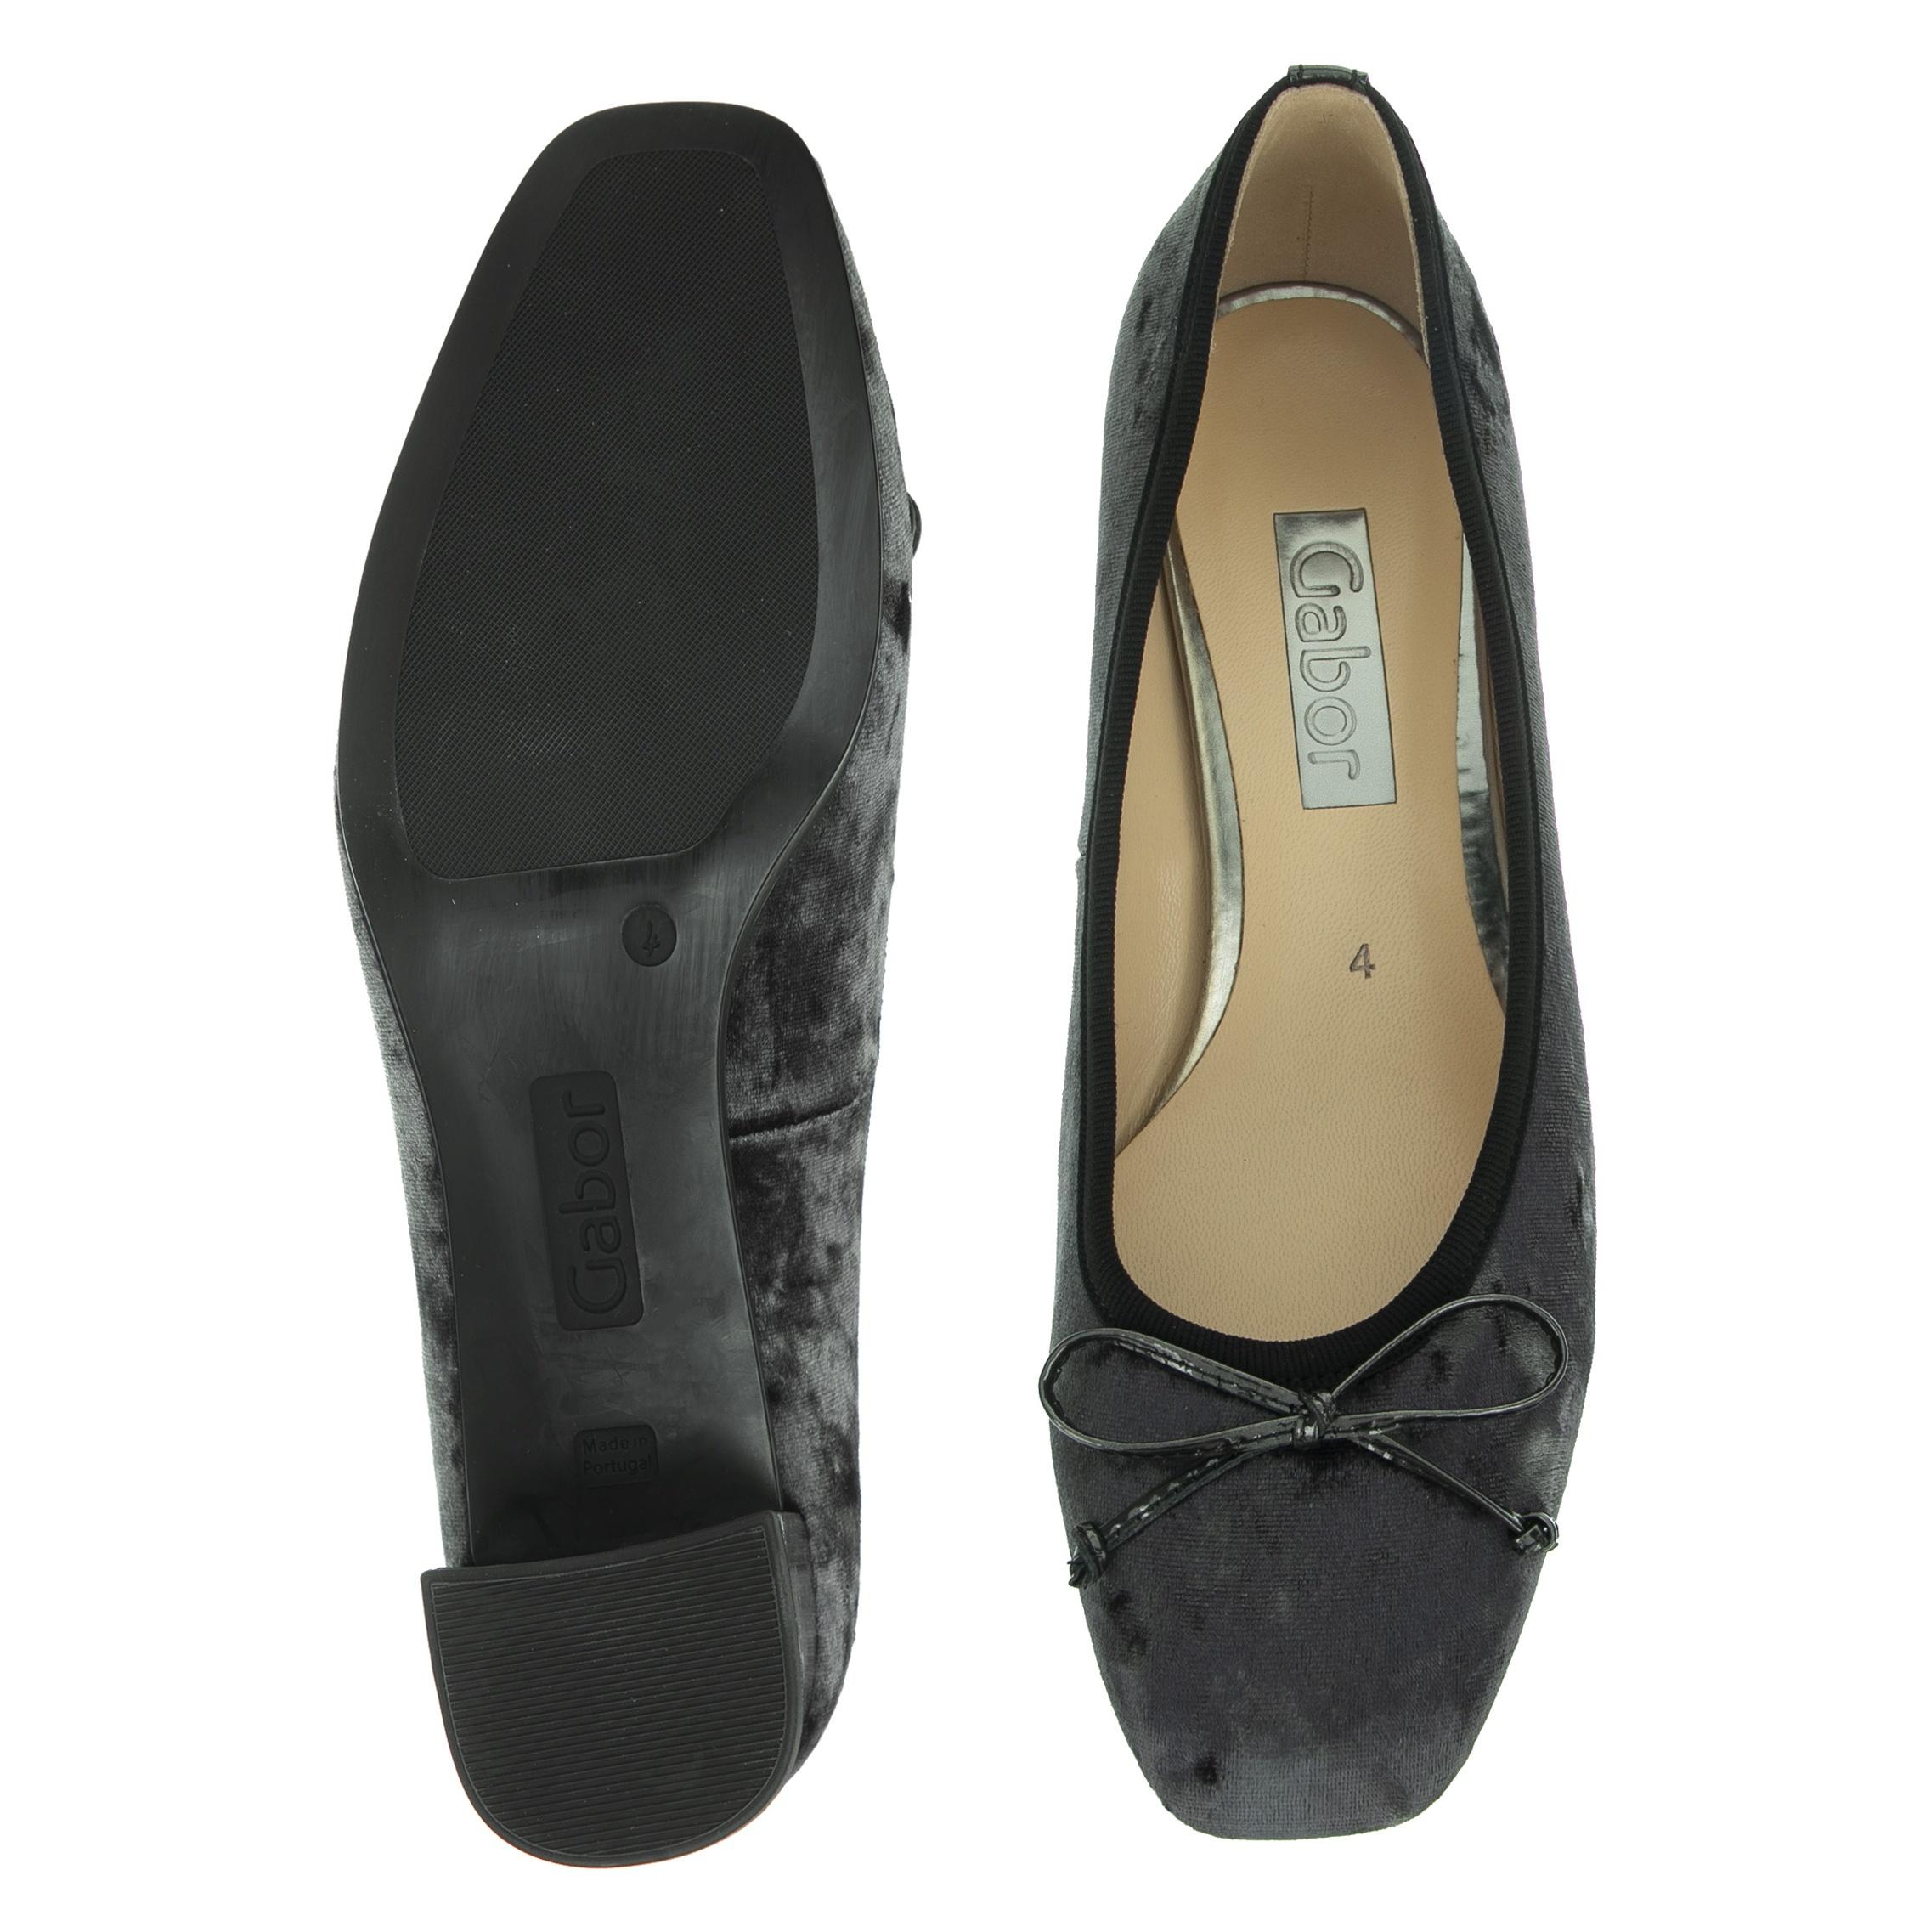 کفش نه گابور مدل 75.262.49